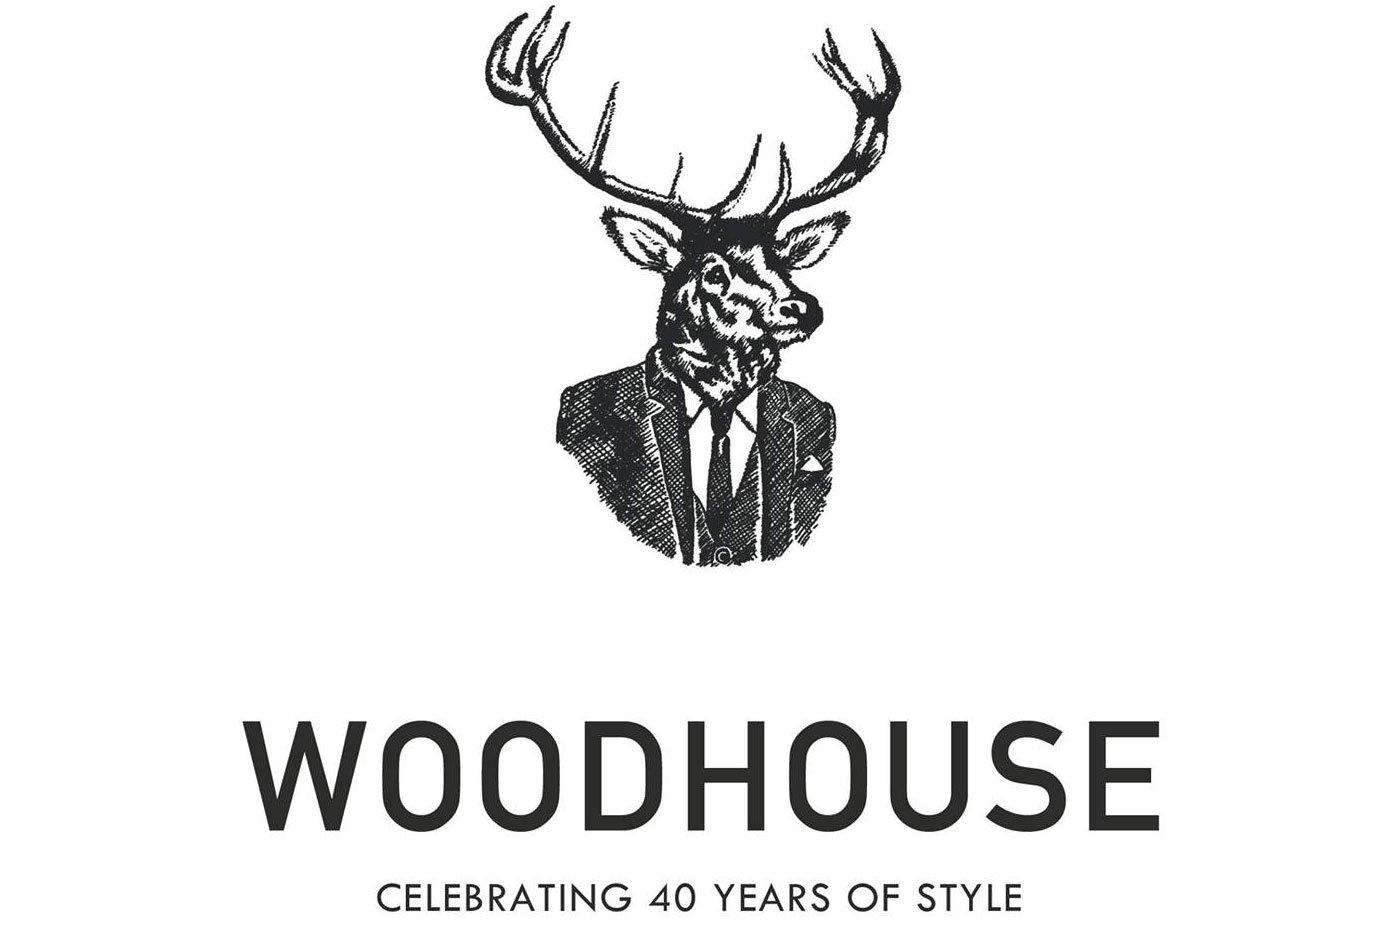 woodhouse clothing logo